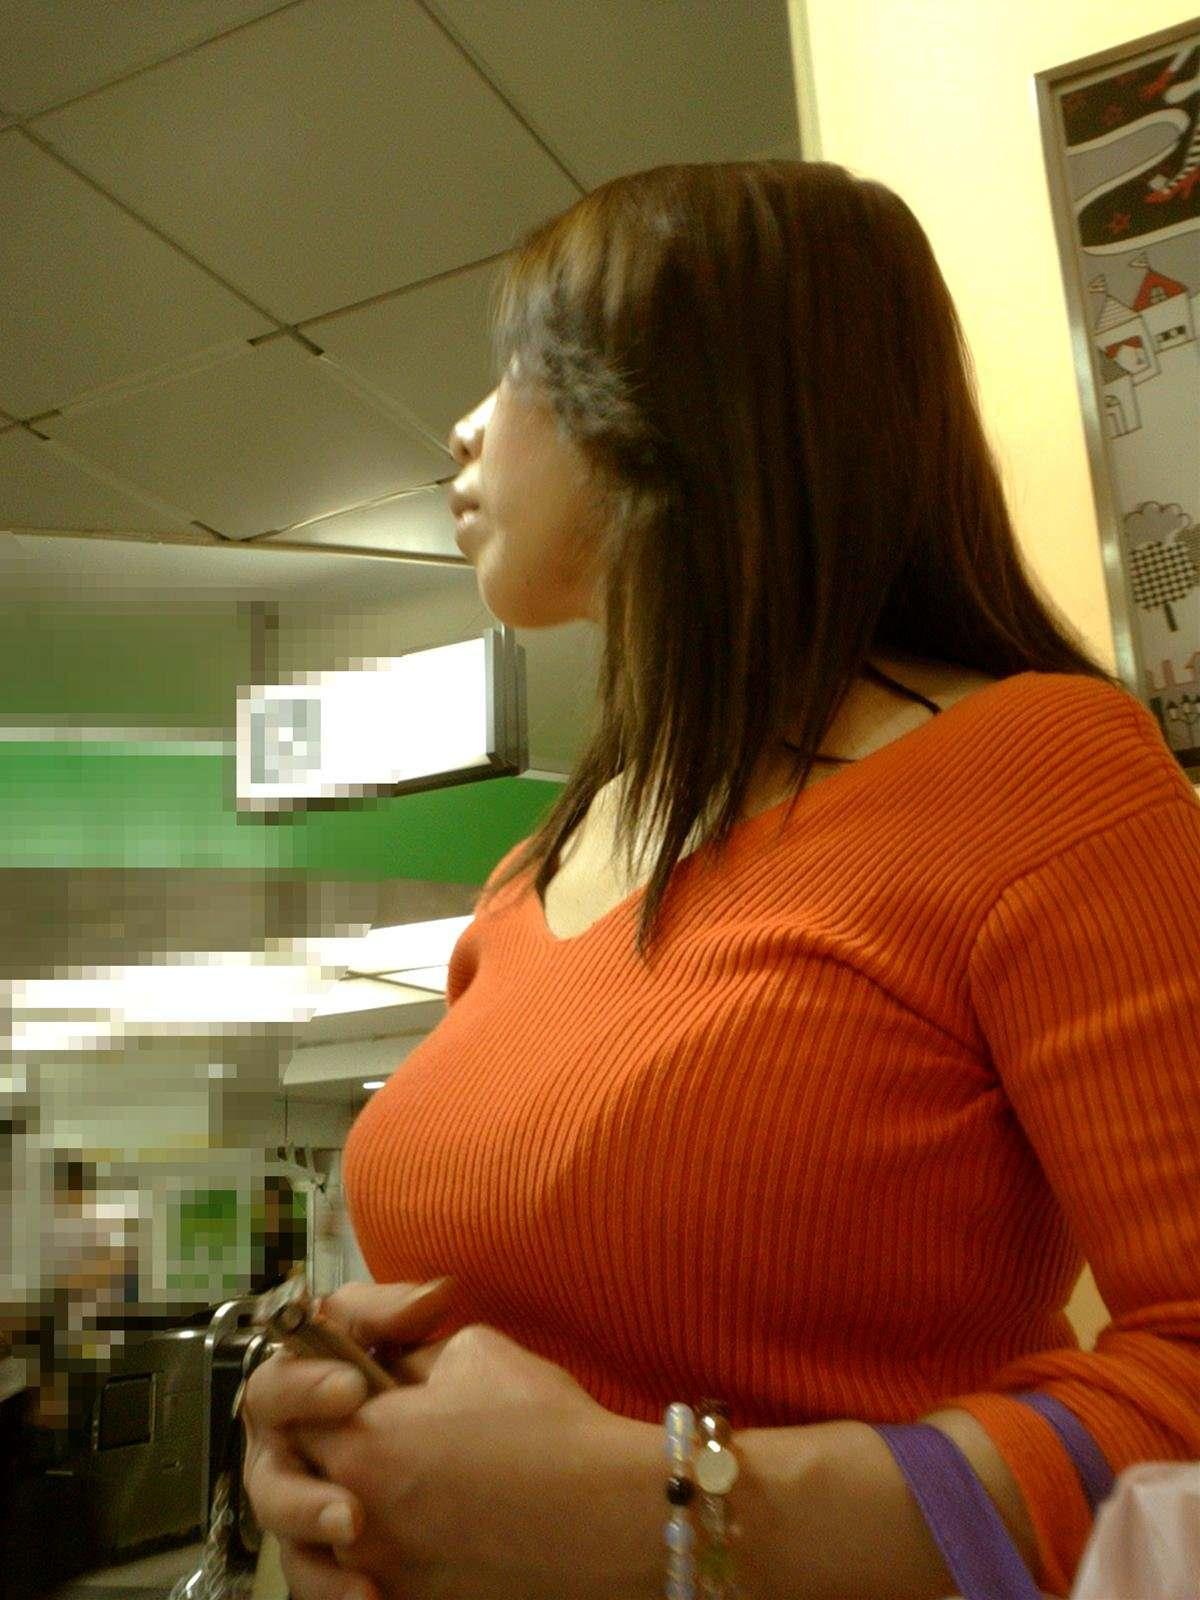 おっぱいの形が丸わかりな素人の着衣おっぱいセーター画像 sirouto knitkyonyu matidori 27027